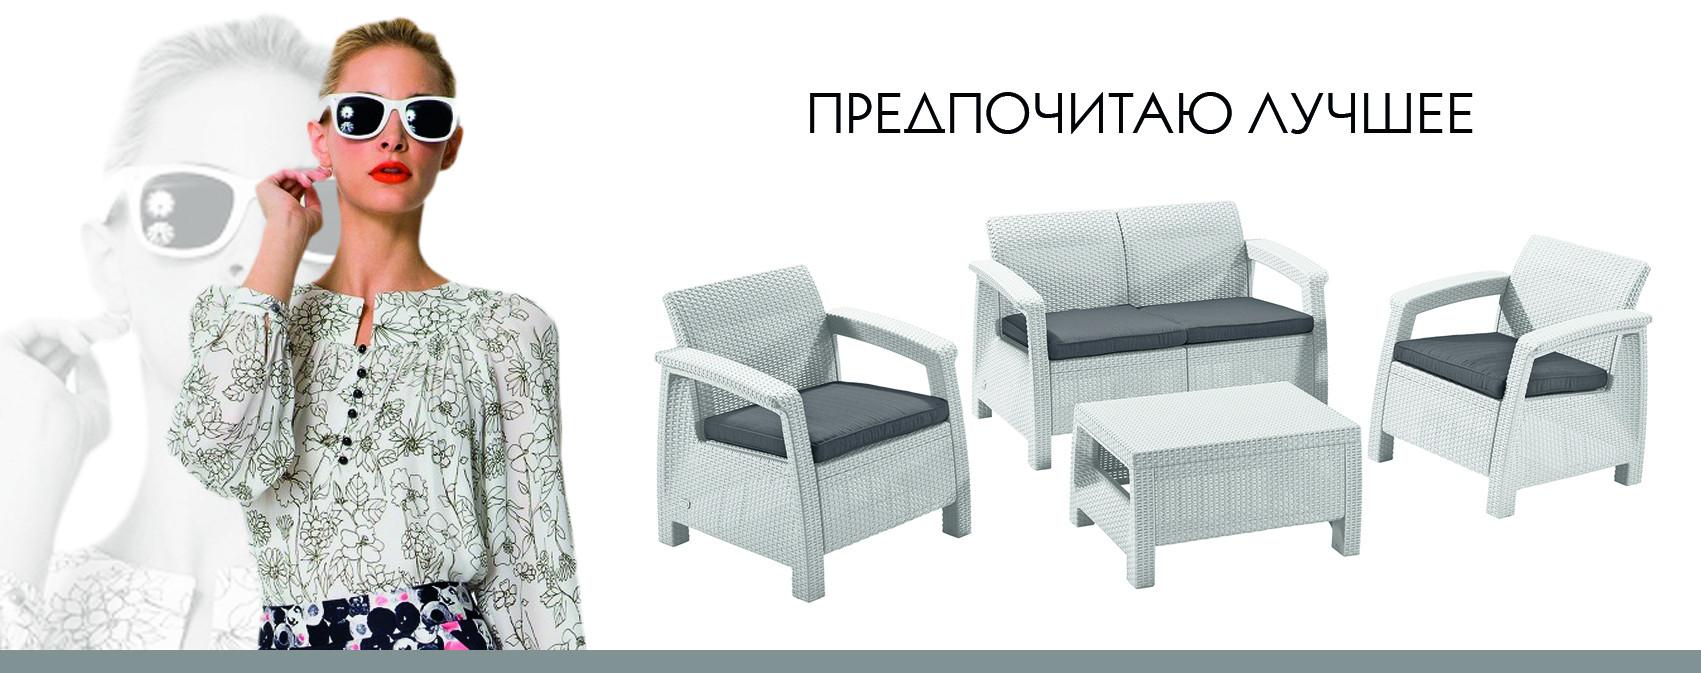 Летняя мебель для ресторанов, баров и кафе